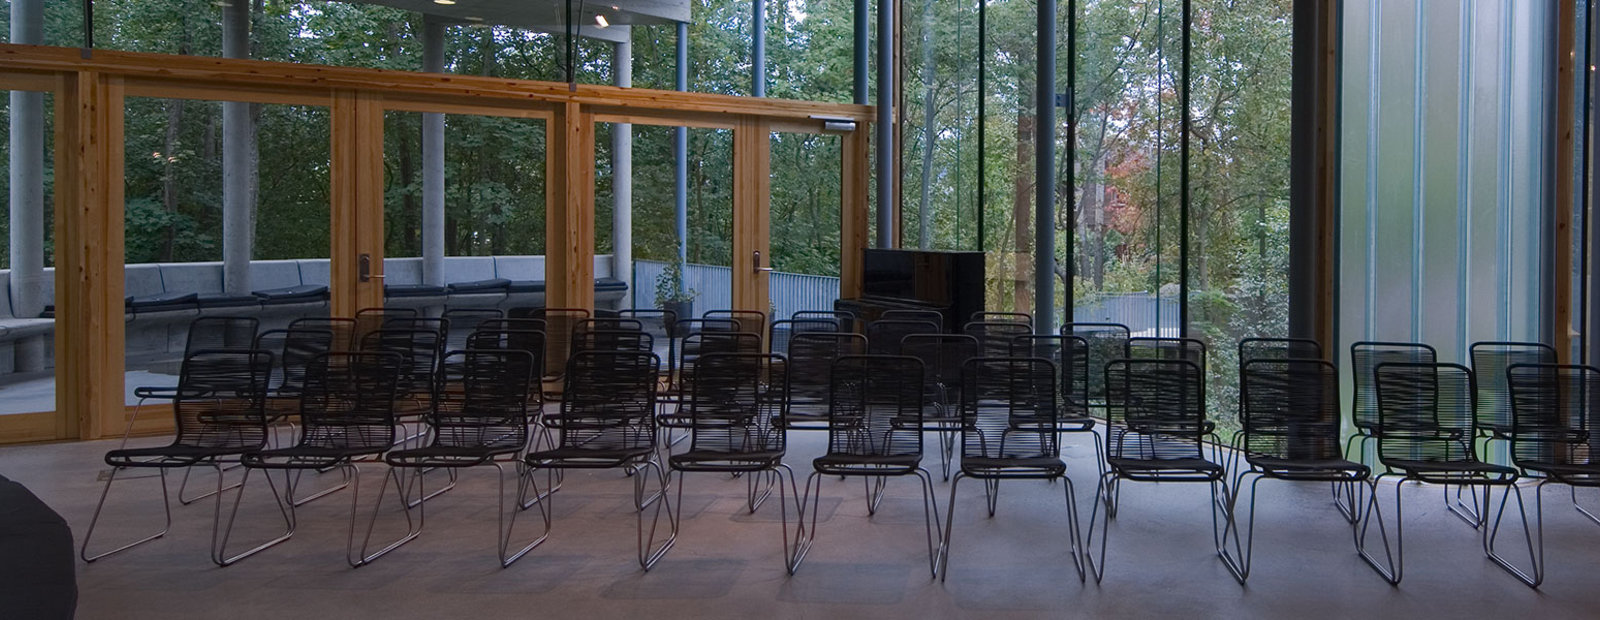 Foredragssalen på Bjerkebæk, Sigrid Undsets hjem, Lillehammer